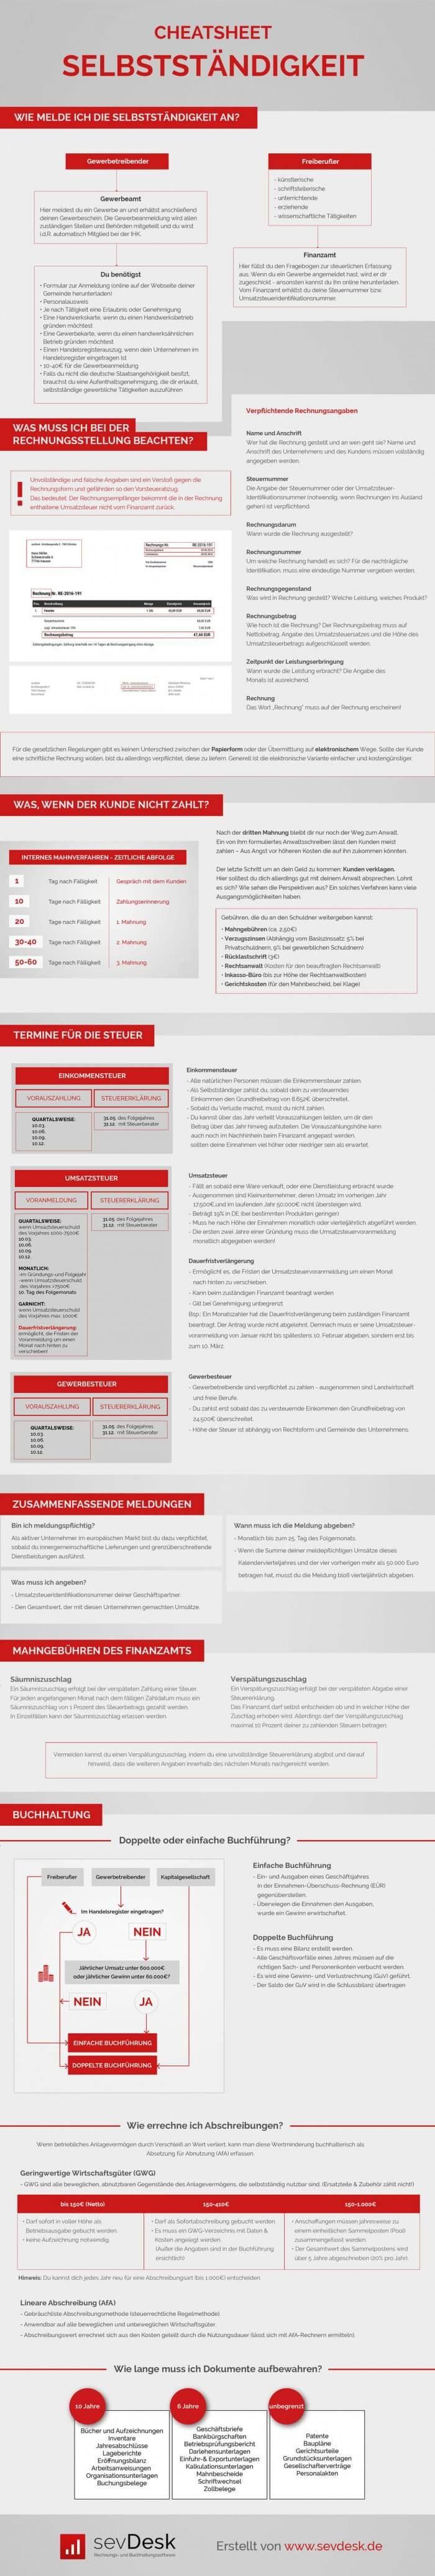 Cheatsheet mit Facts und Daten rund um die Selbstständigkeit/ Virtual assistent hacks - Persönliche Assistentin Hacks